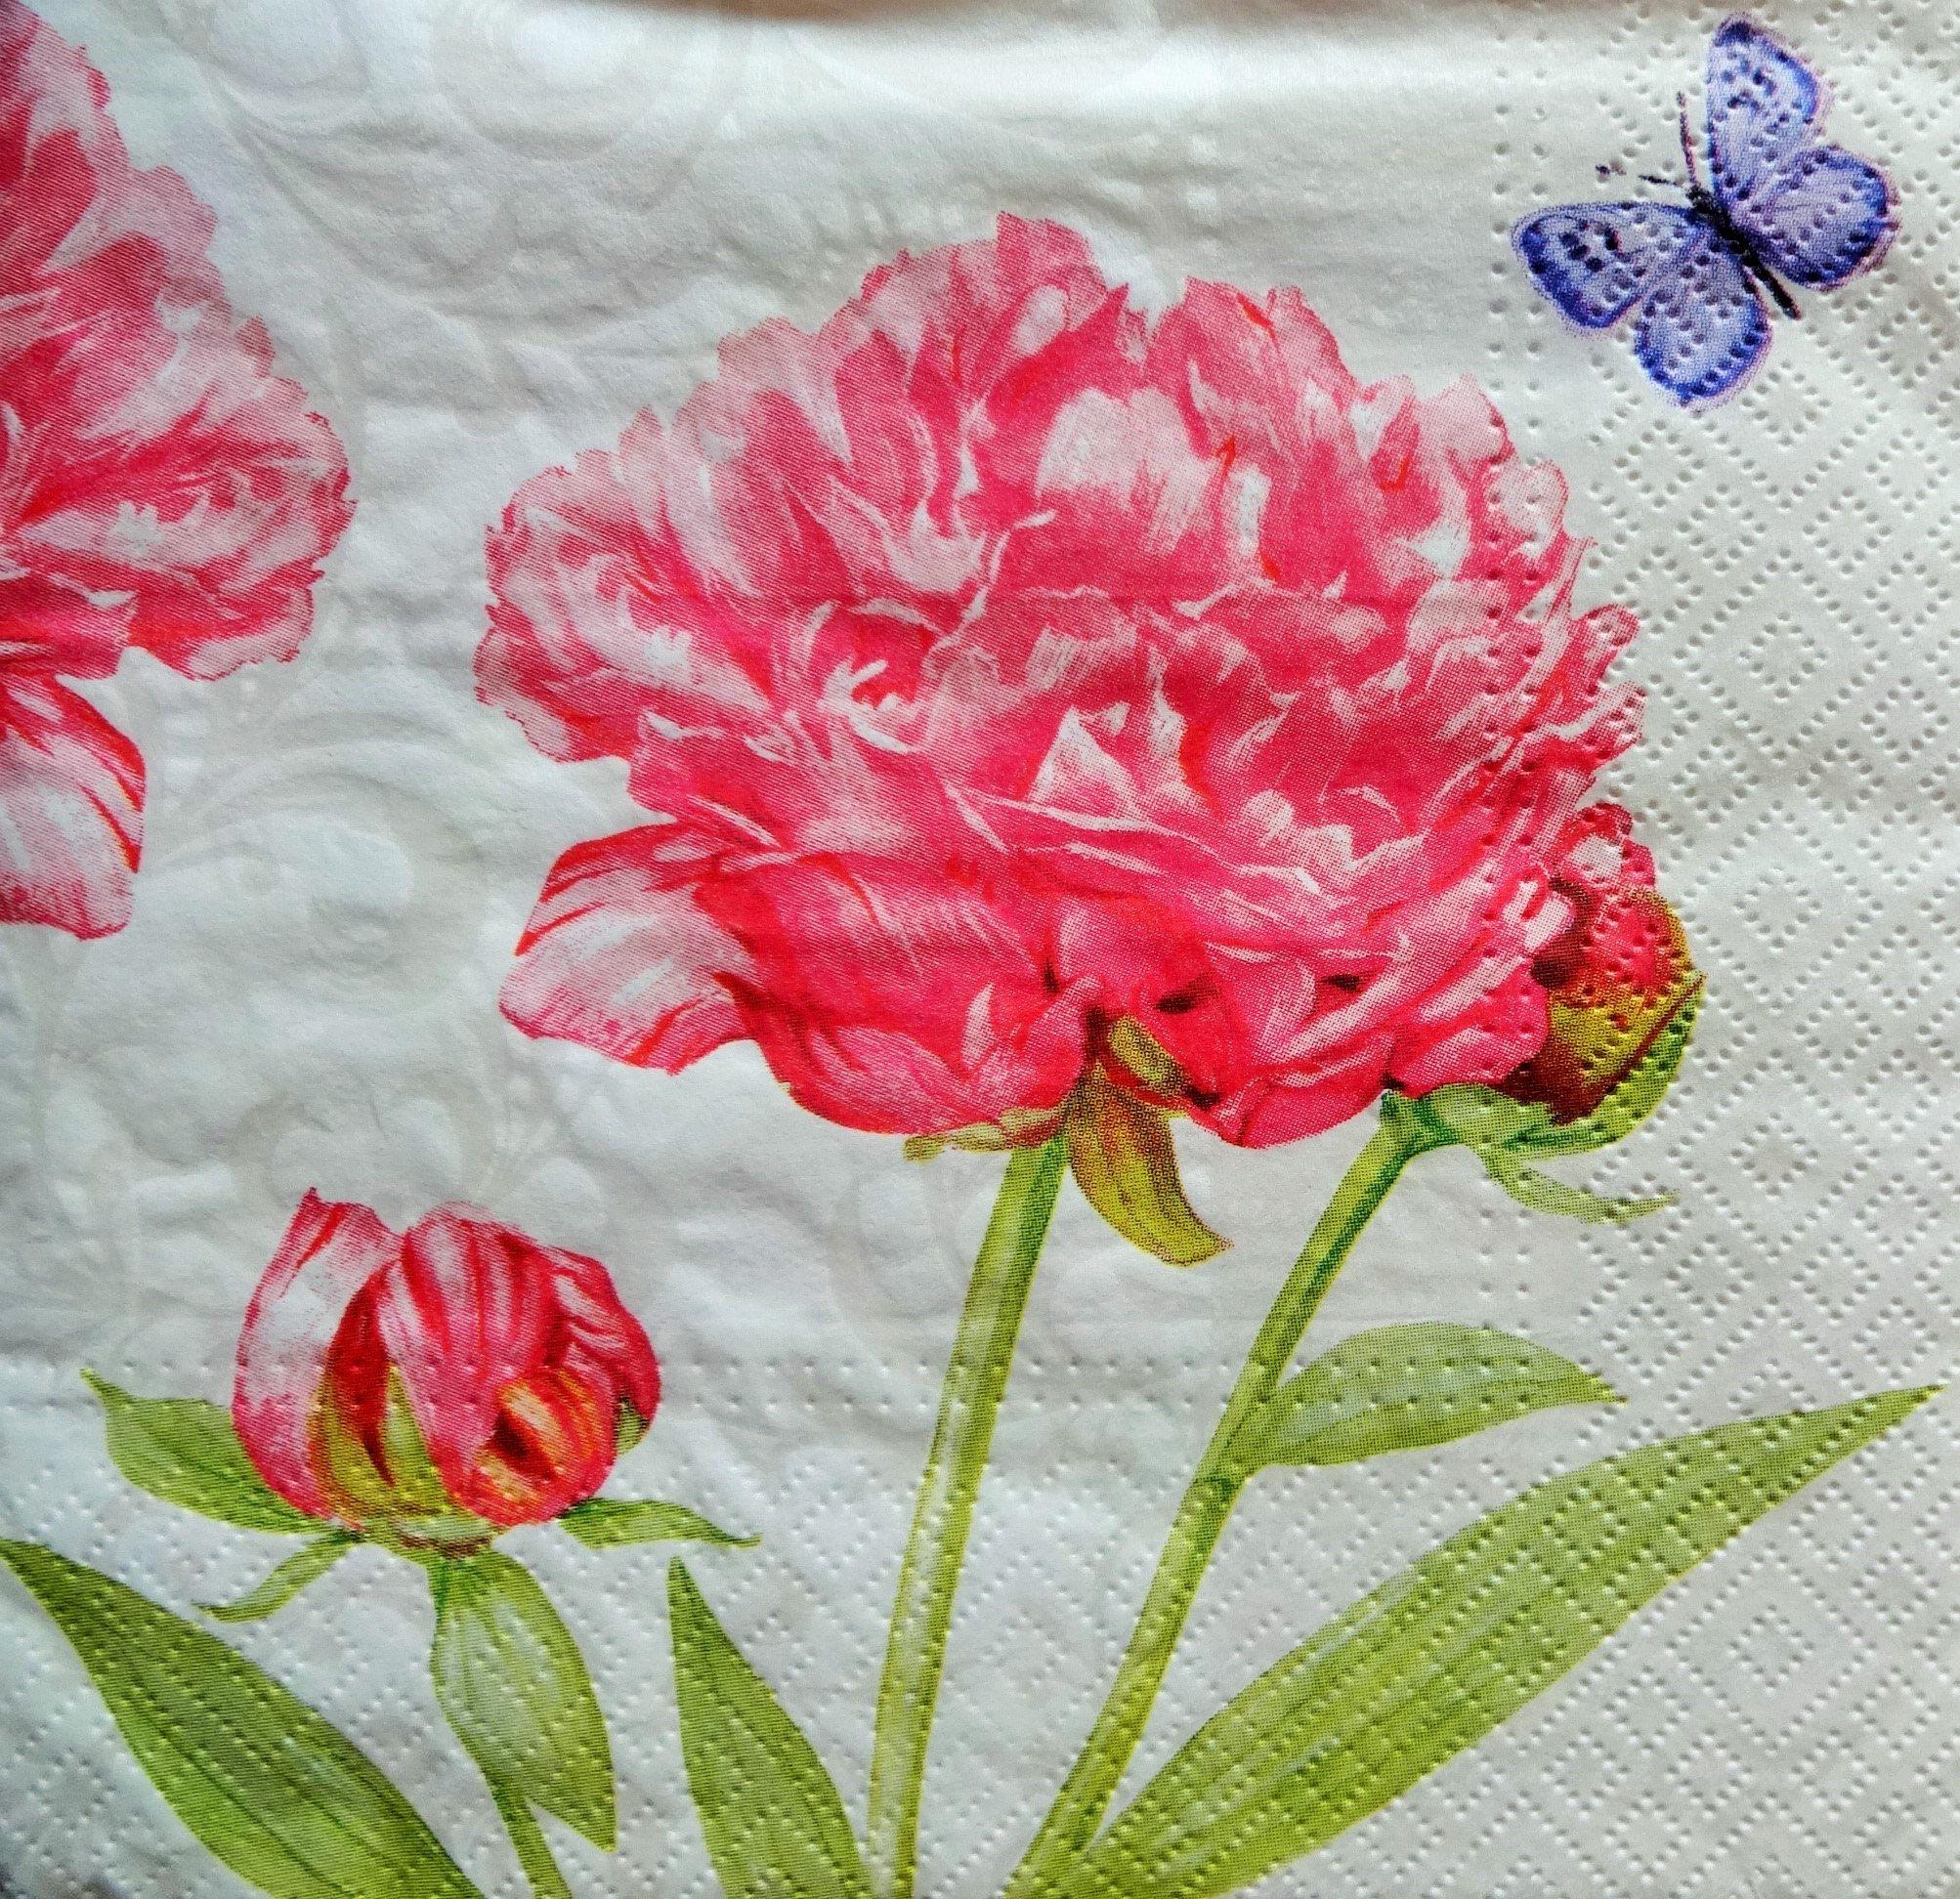 4 floral paper napkins pink flower napkins decoupage napkins 4 floral paper napkins pink flower napkins decoupage napkins collage napkins mixed mightylinksfo